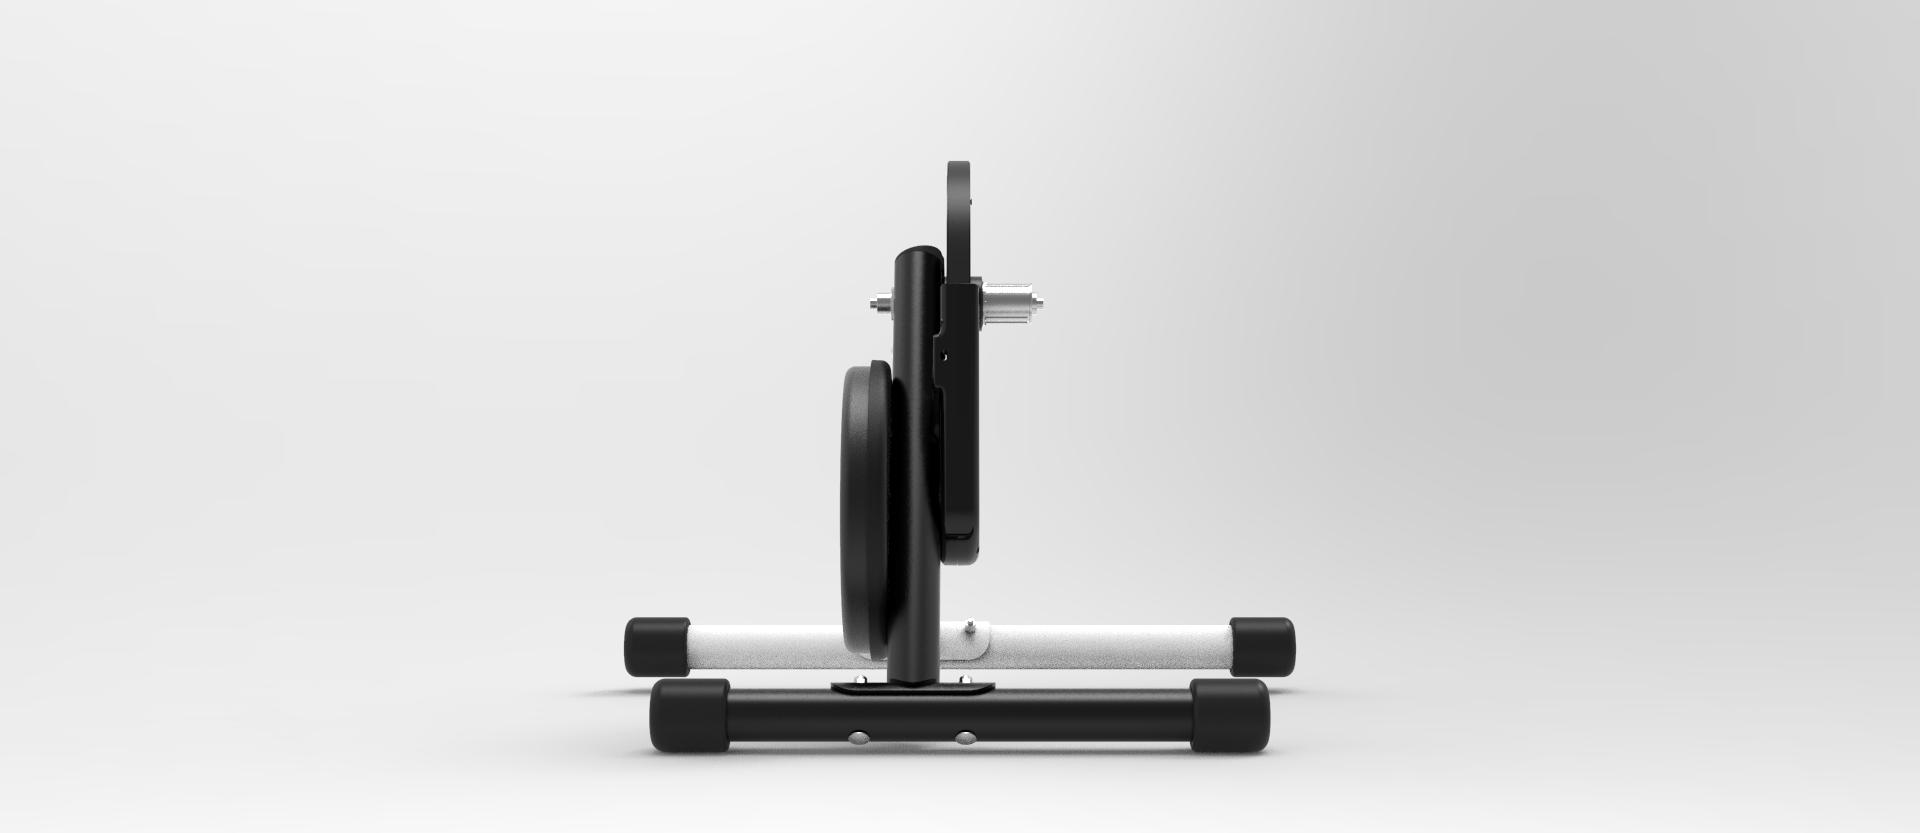 Rolo de Treinamento Magene T100 Smart